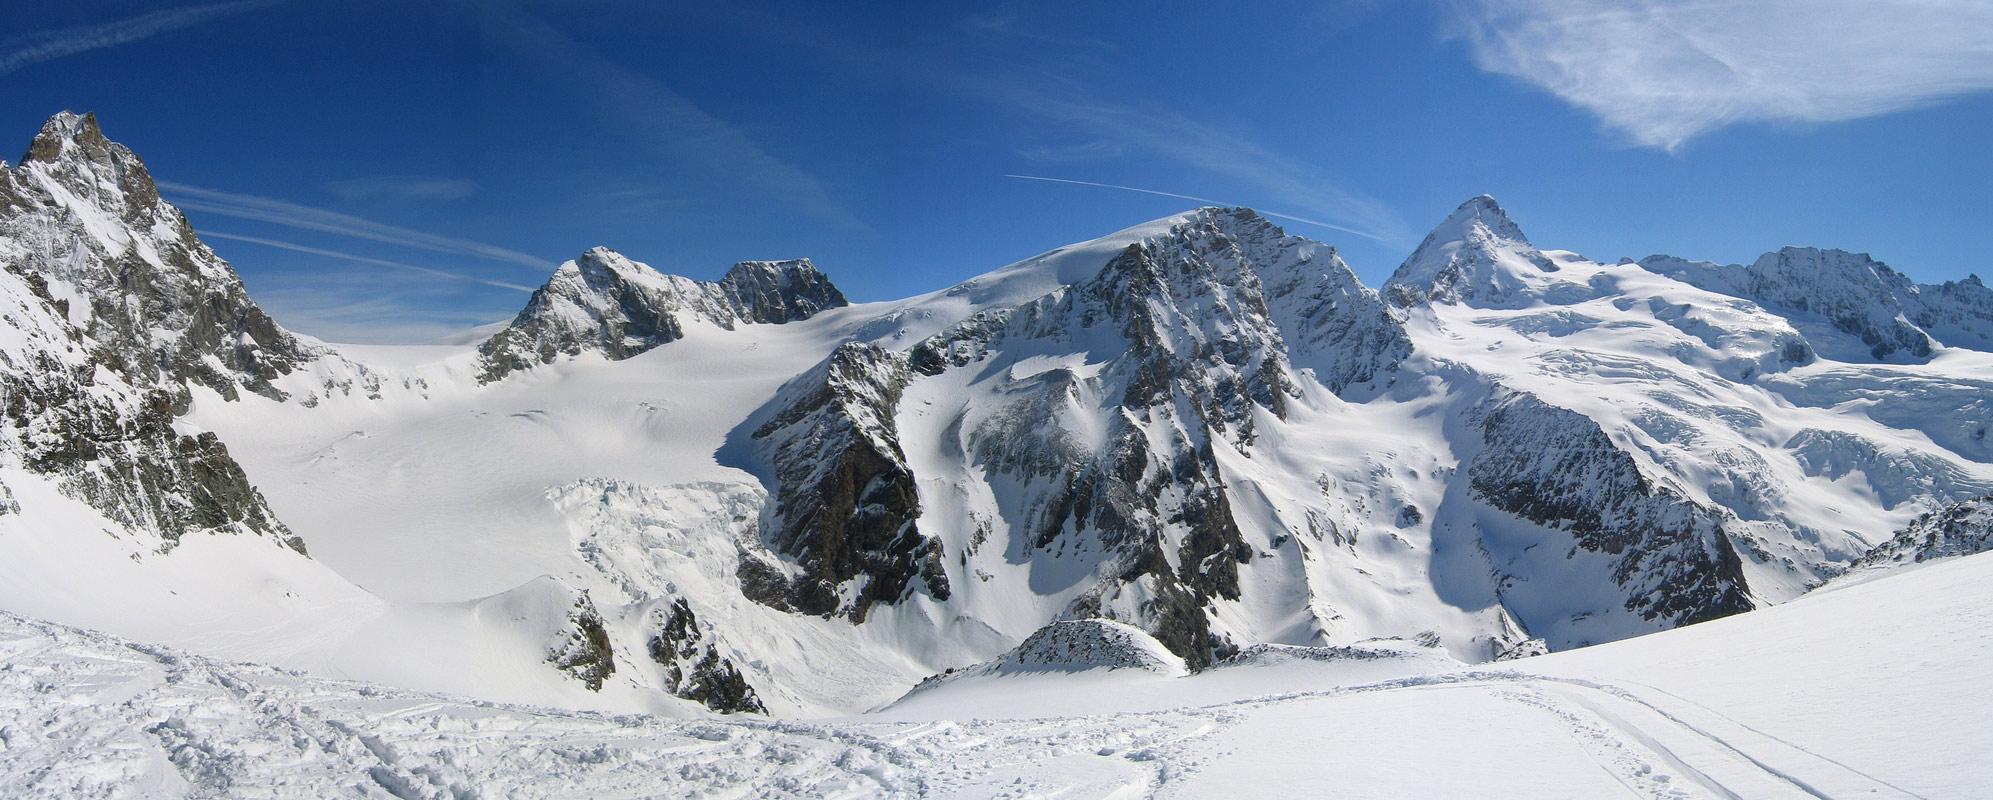 Col Valpelline, Day 6 H.R. Chamonix-Zermatt Walliser Alpen / Alpes valaisannes Schweiz panorama 40